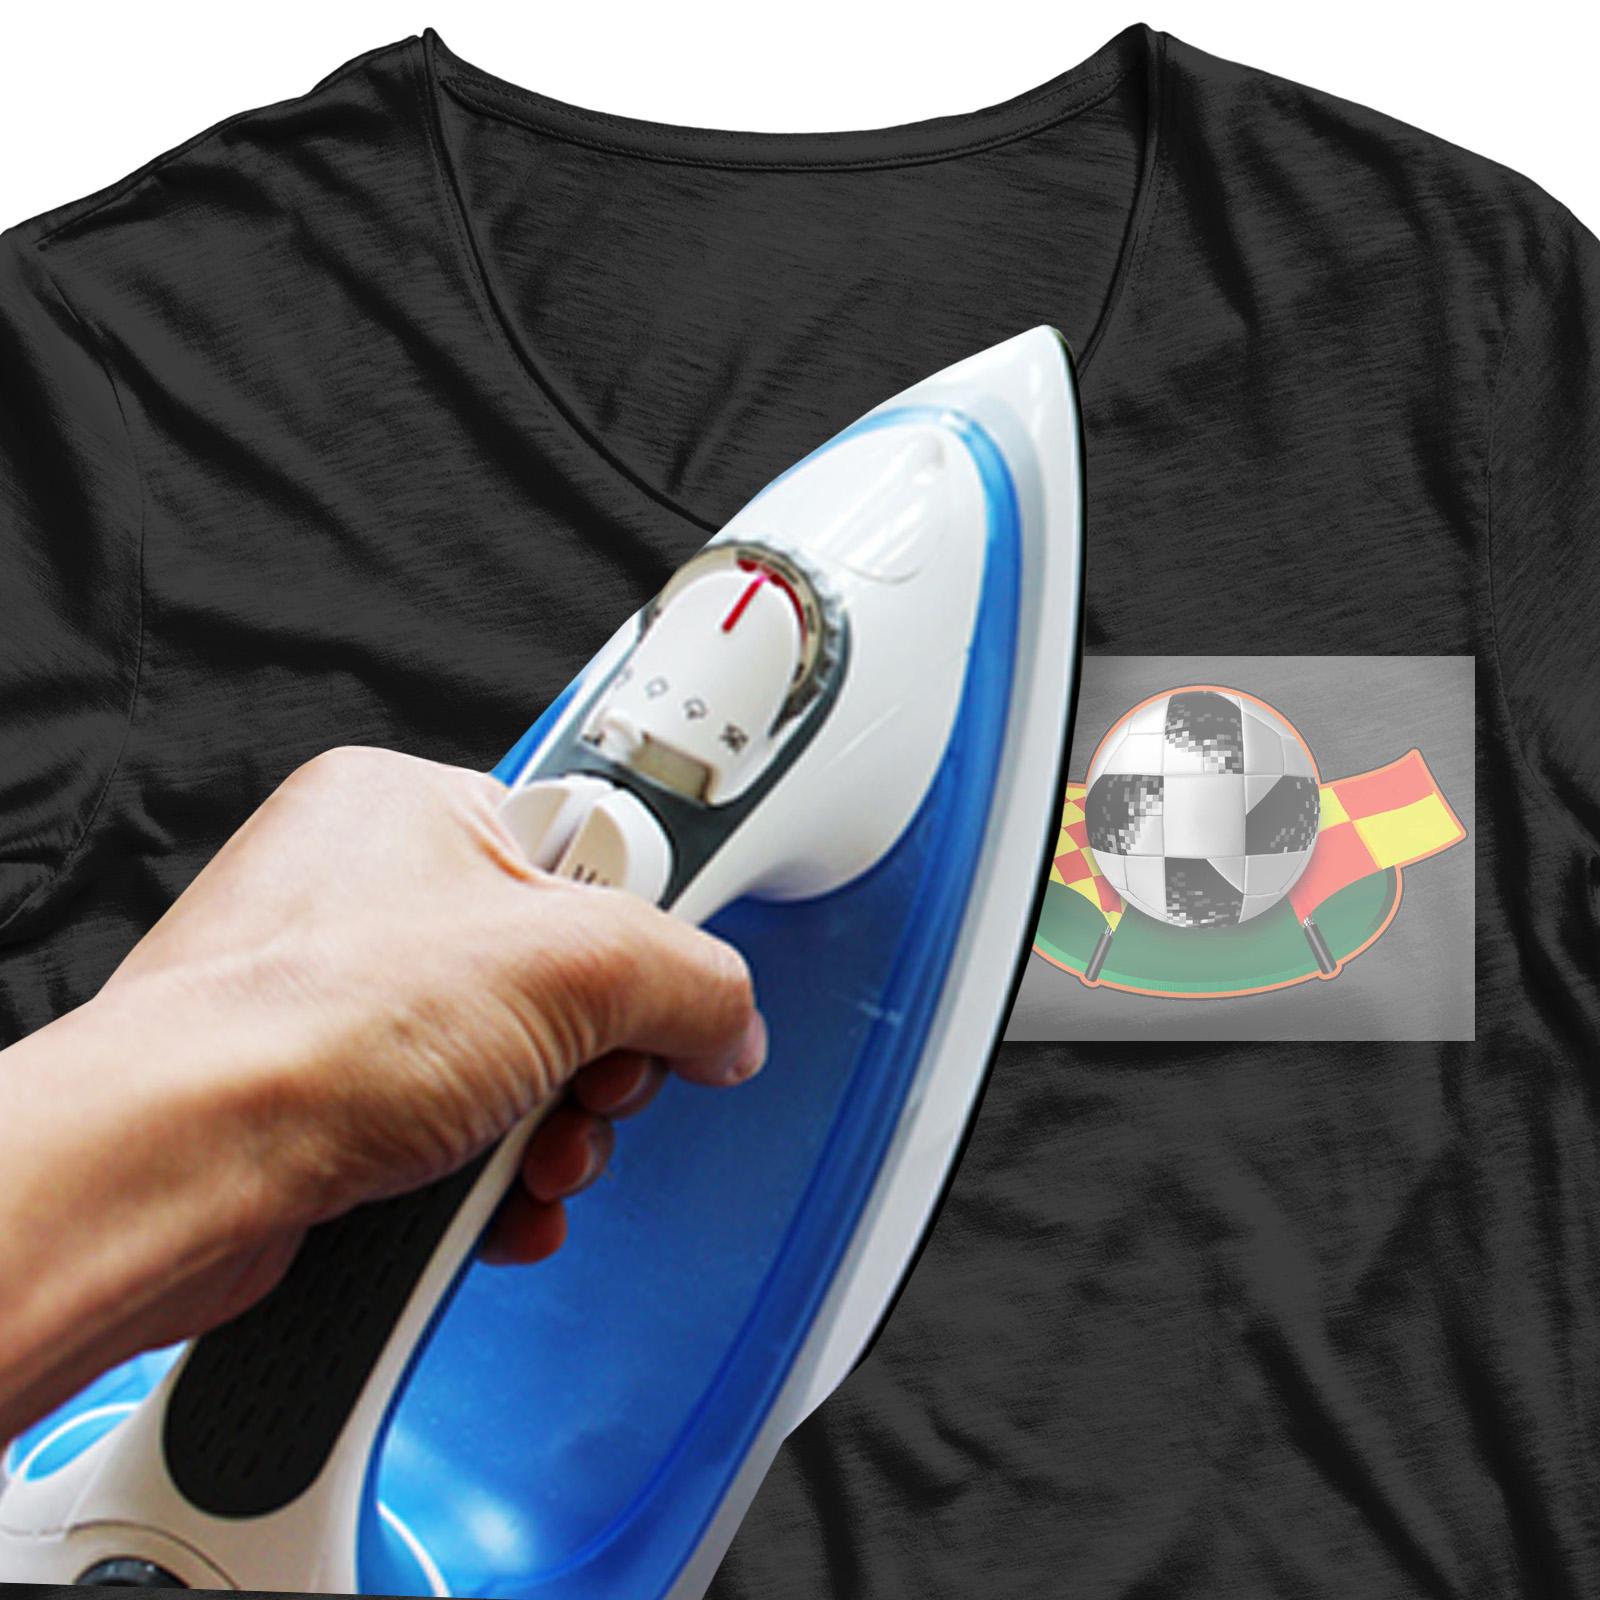 Термонаклейка культового мяча FIFA 2018.